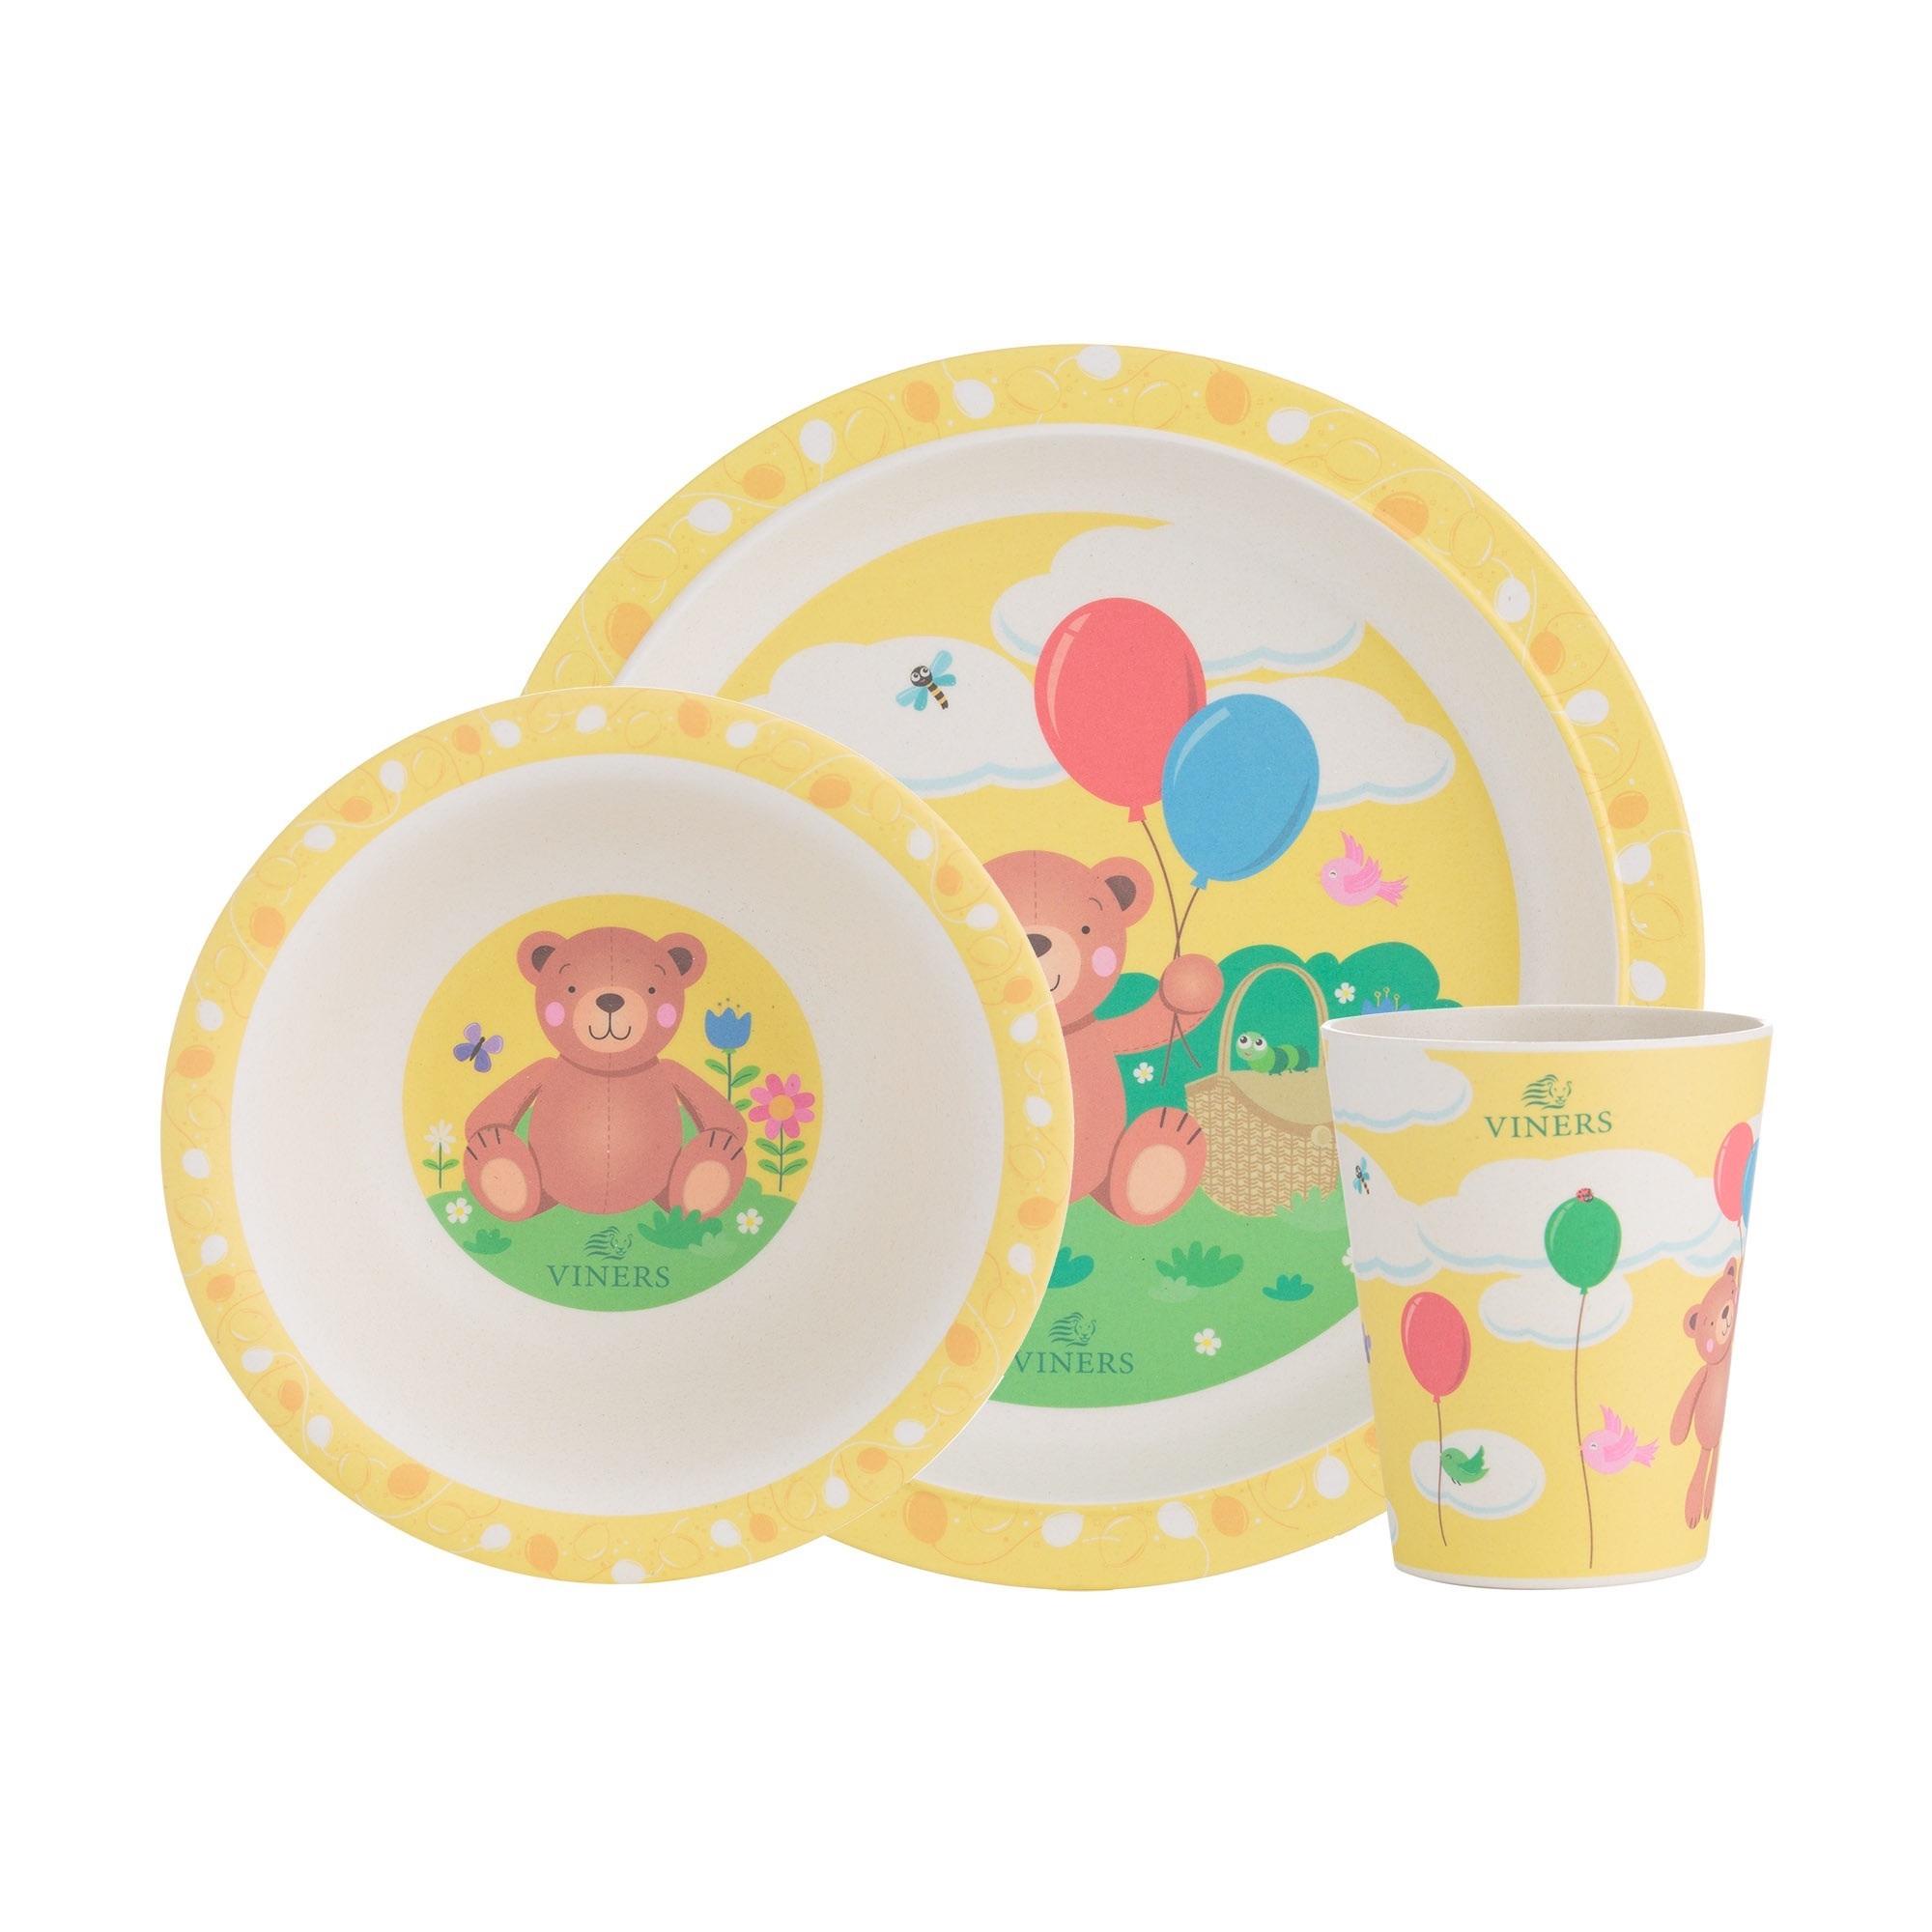 Viners Bertie Bamboo Fiber Kids Dinerware 3 Piece